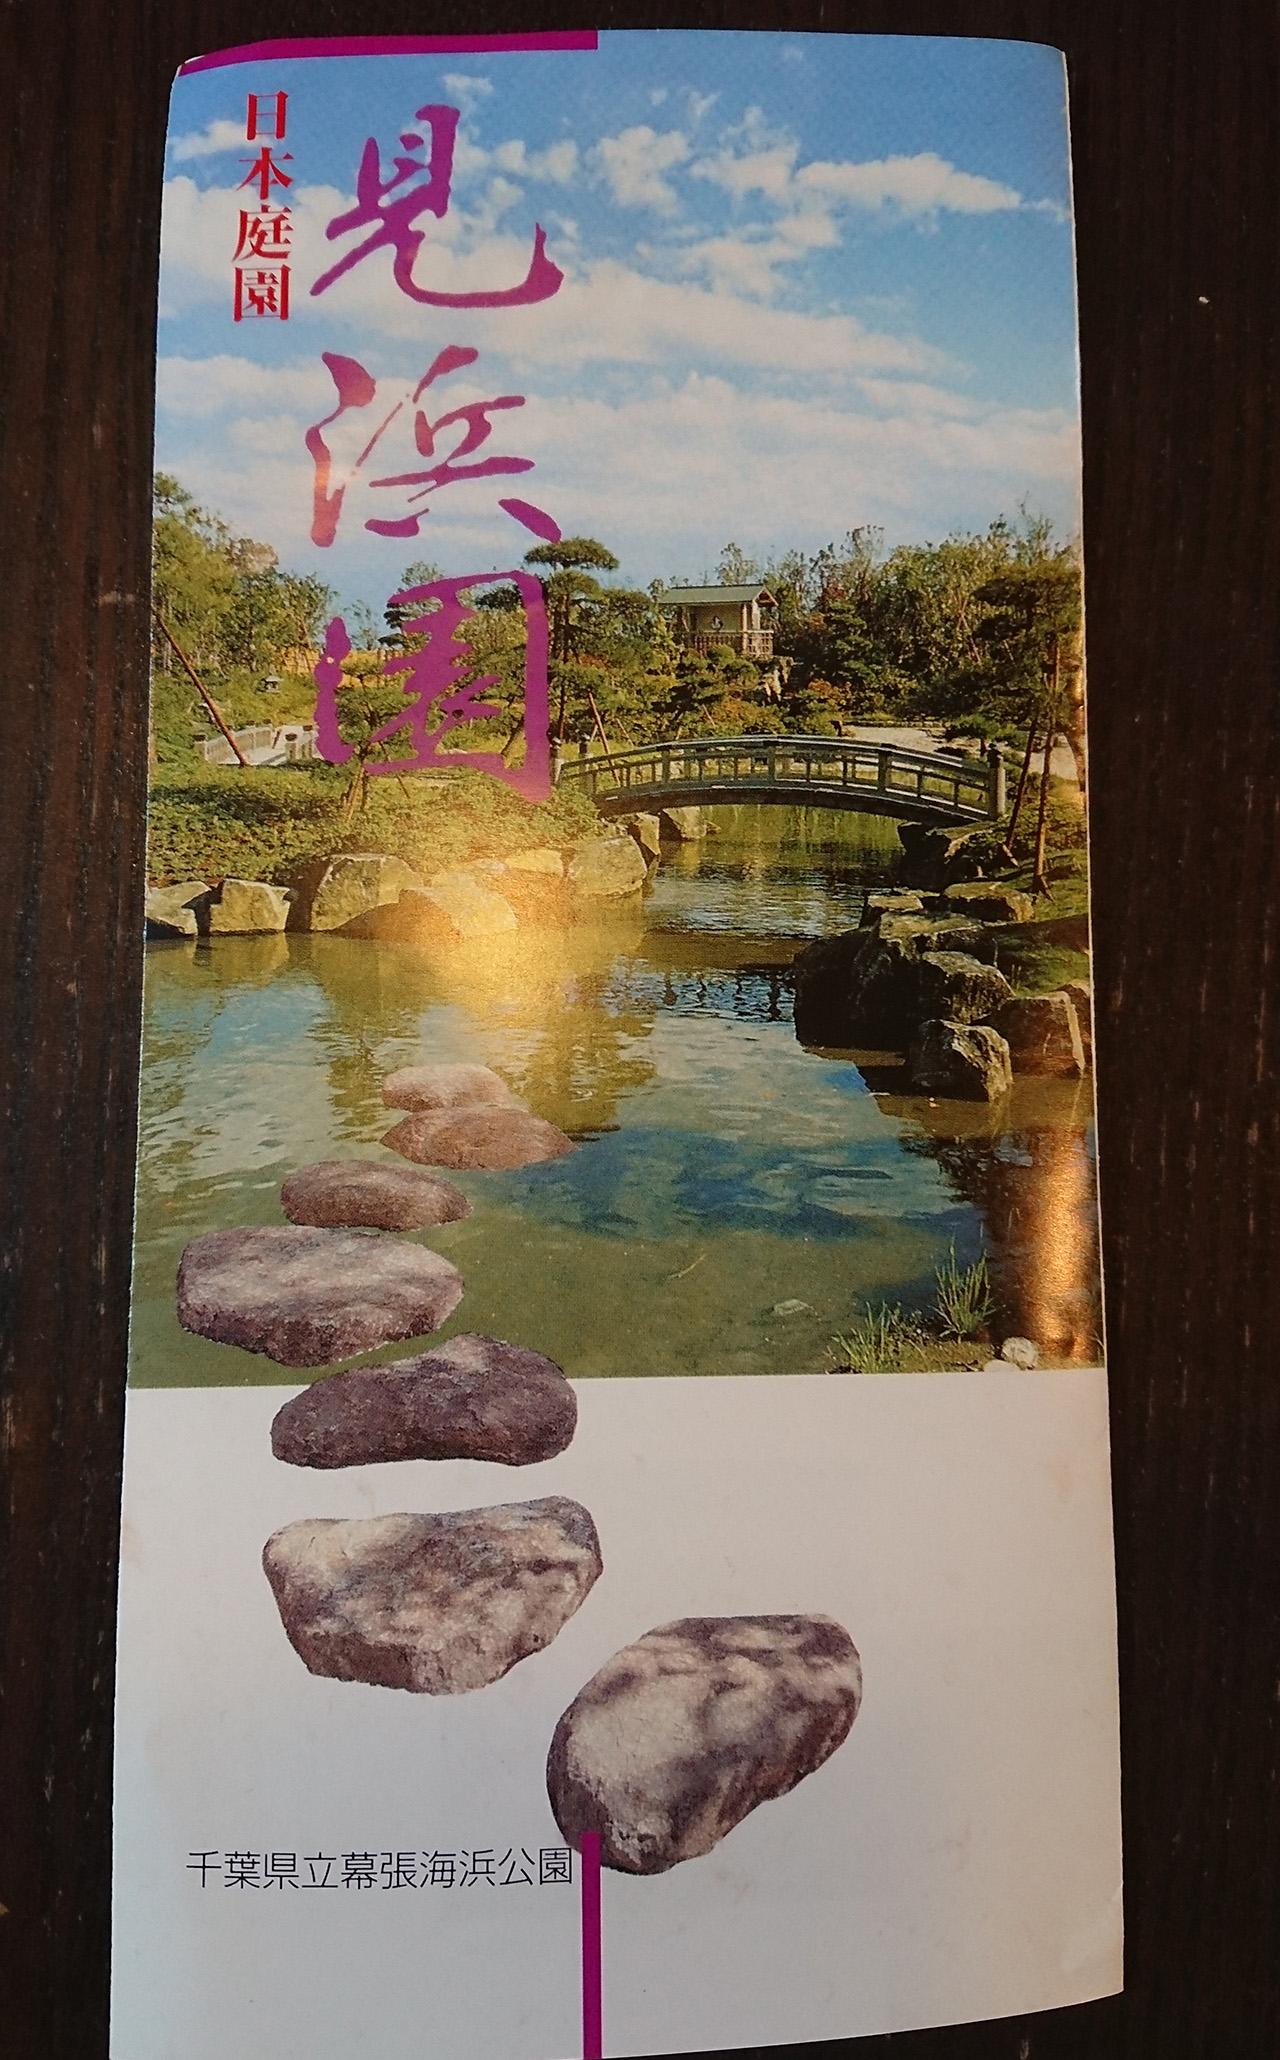 ガイドブック表紙の写真